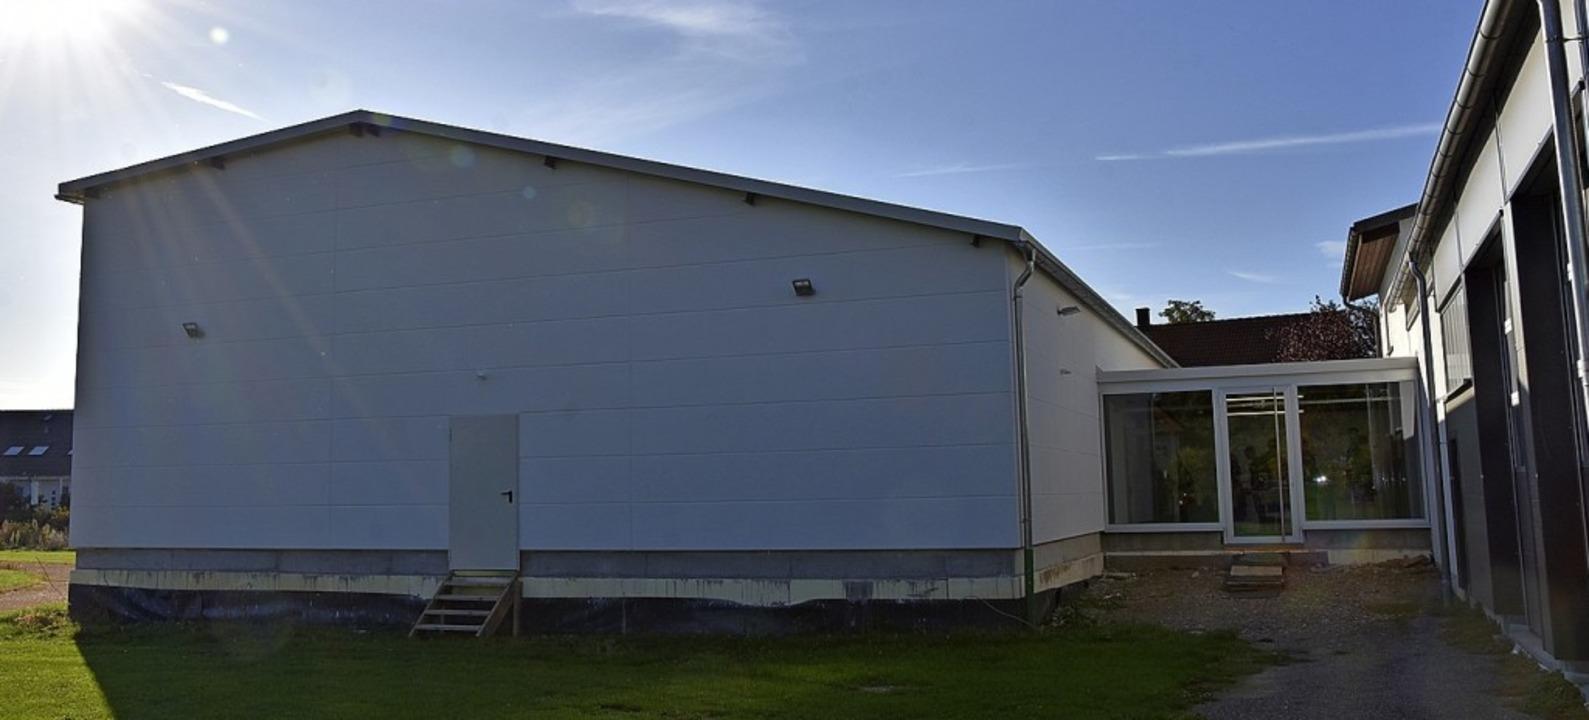 Die neue Turnhalle des TB Wyhlen in einer Außenansicht  | Foto: Heinz und Monika Vollmar